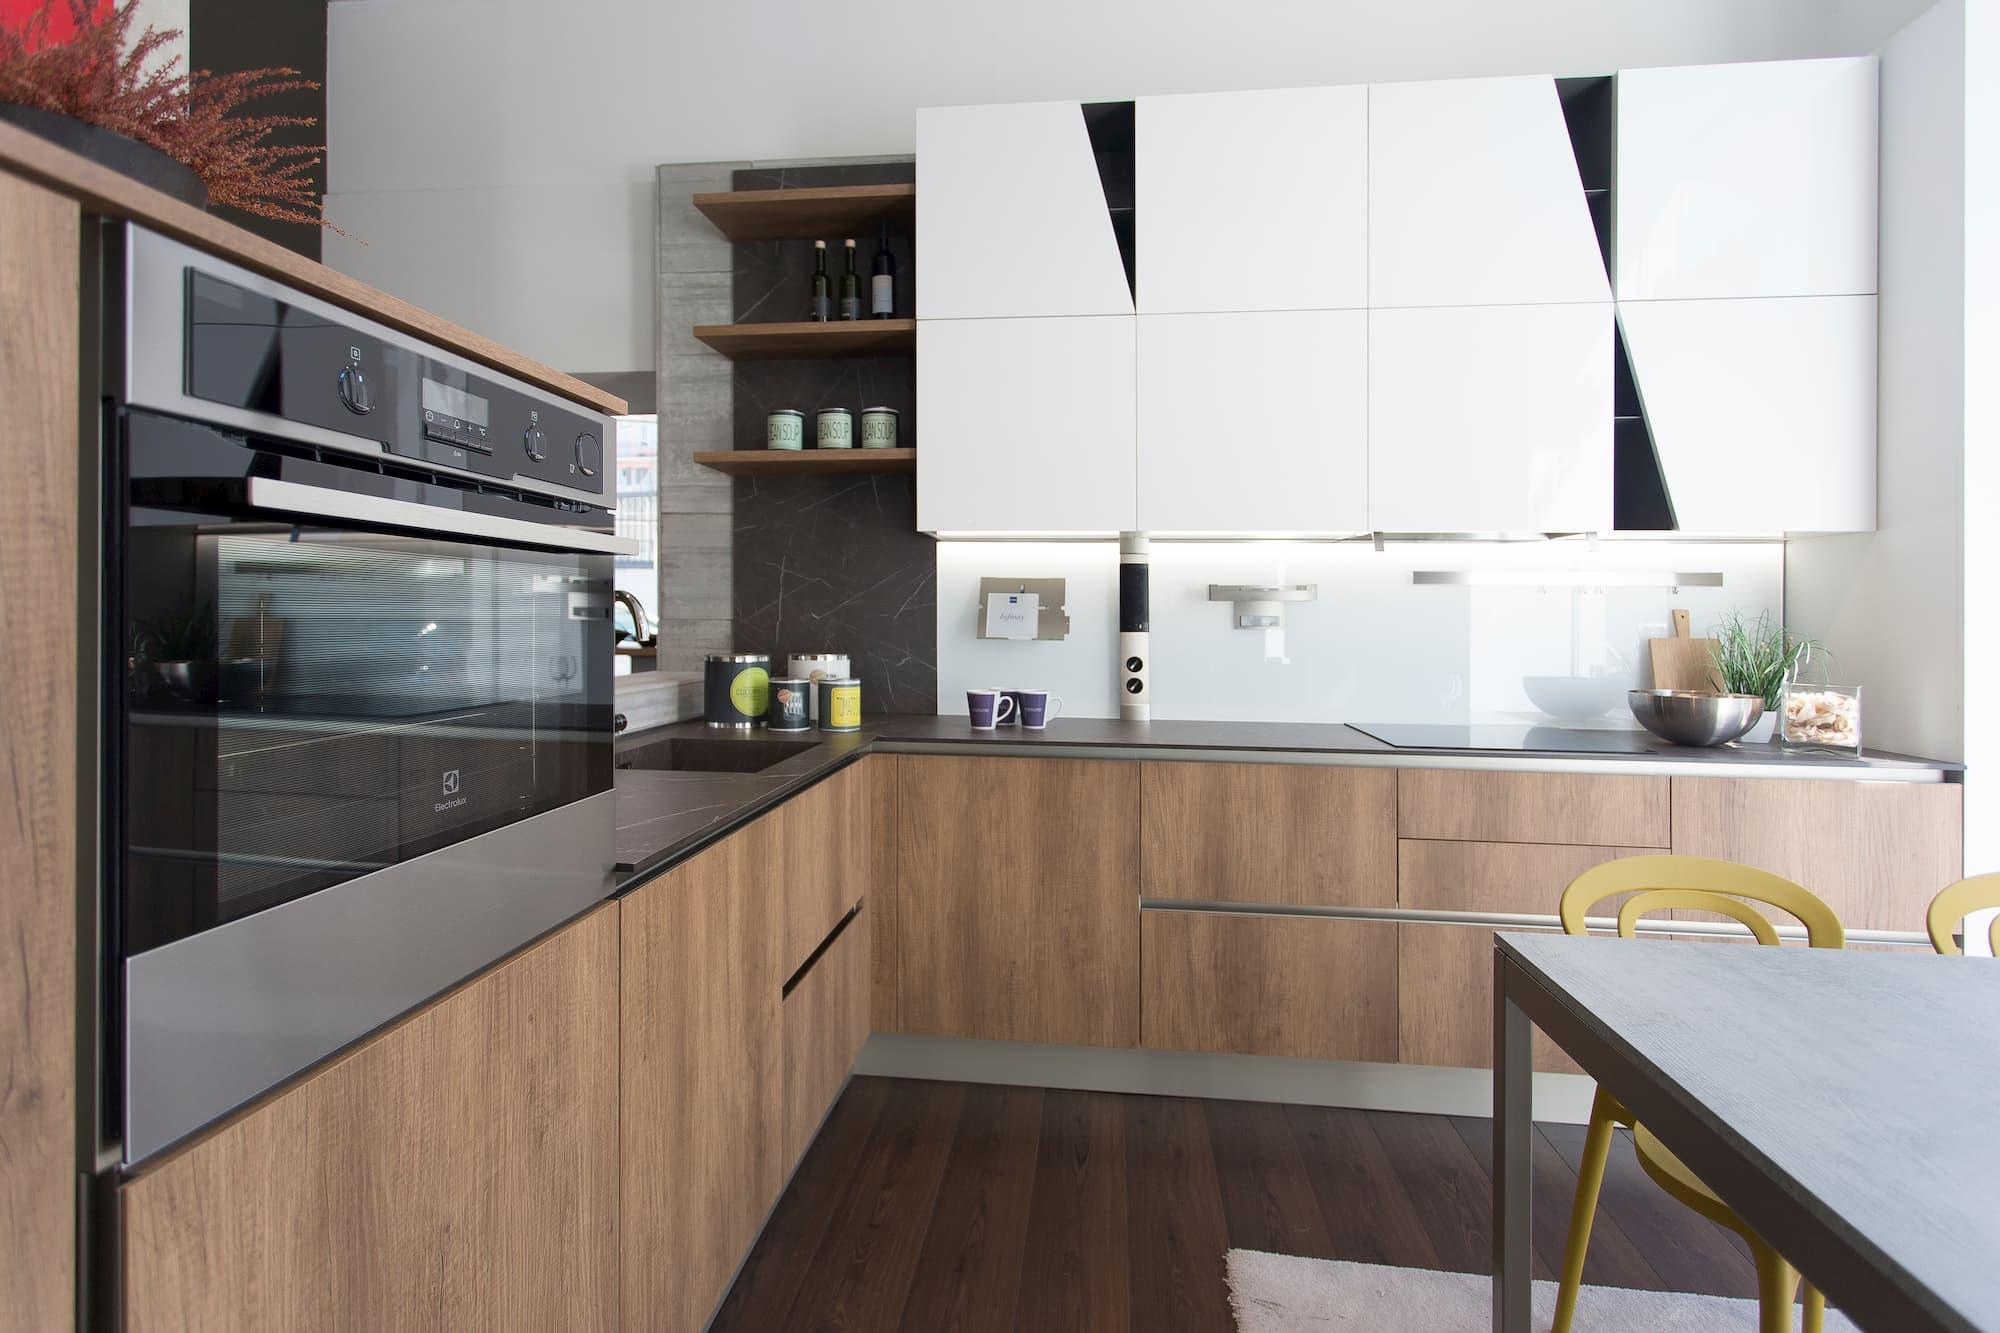 foto di cucine industriale interni